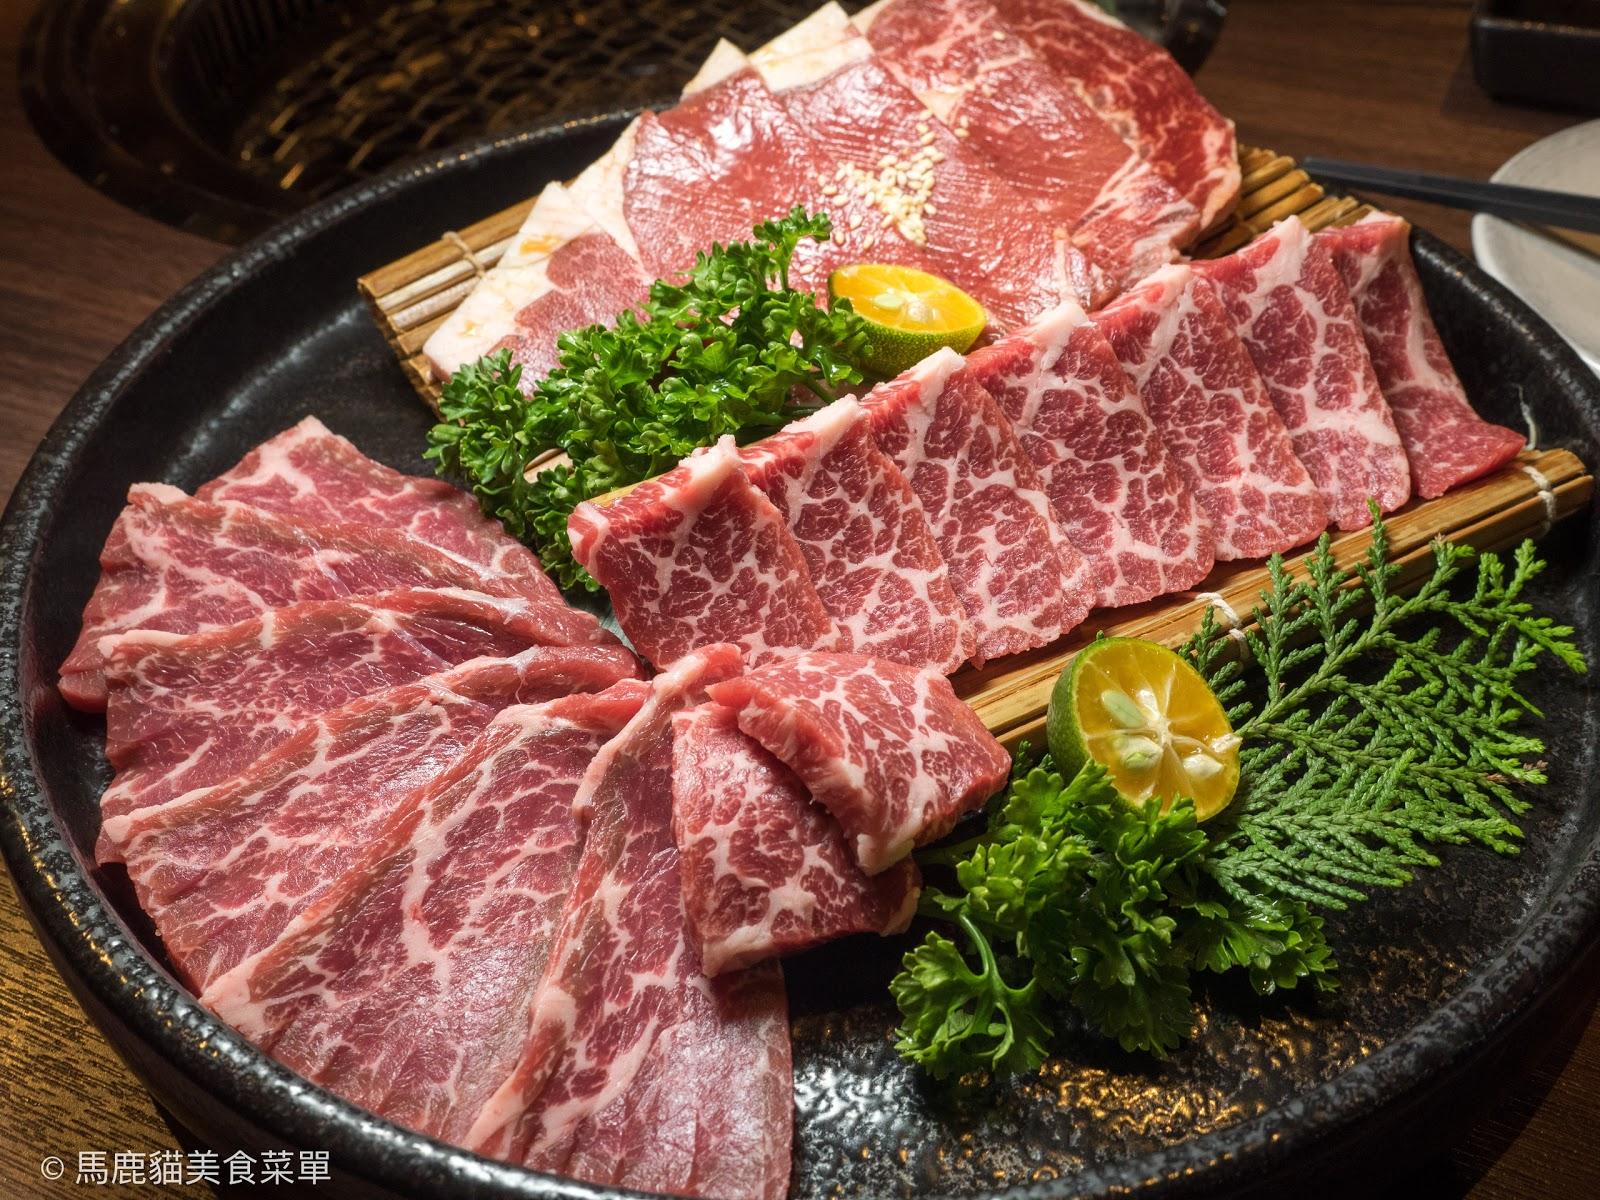 [雲林斗六] 焰屋燒肉 -焰や燒肉- 頂級享受 | 馬鹿貓美食菜單